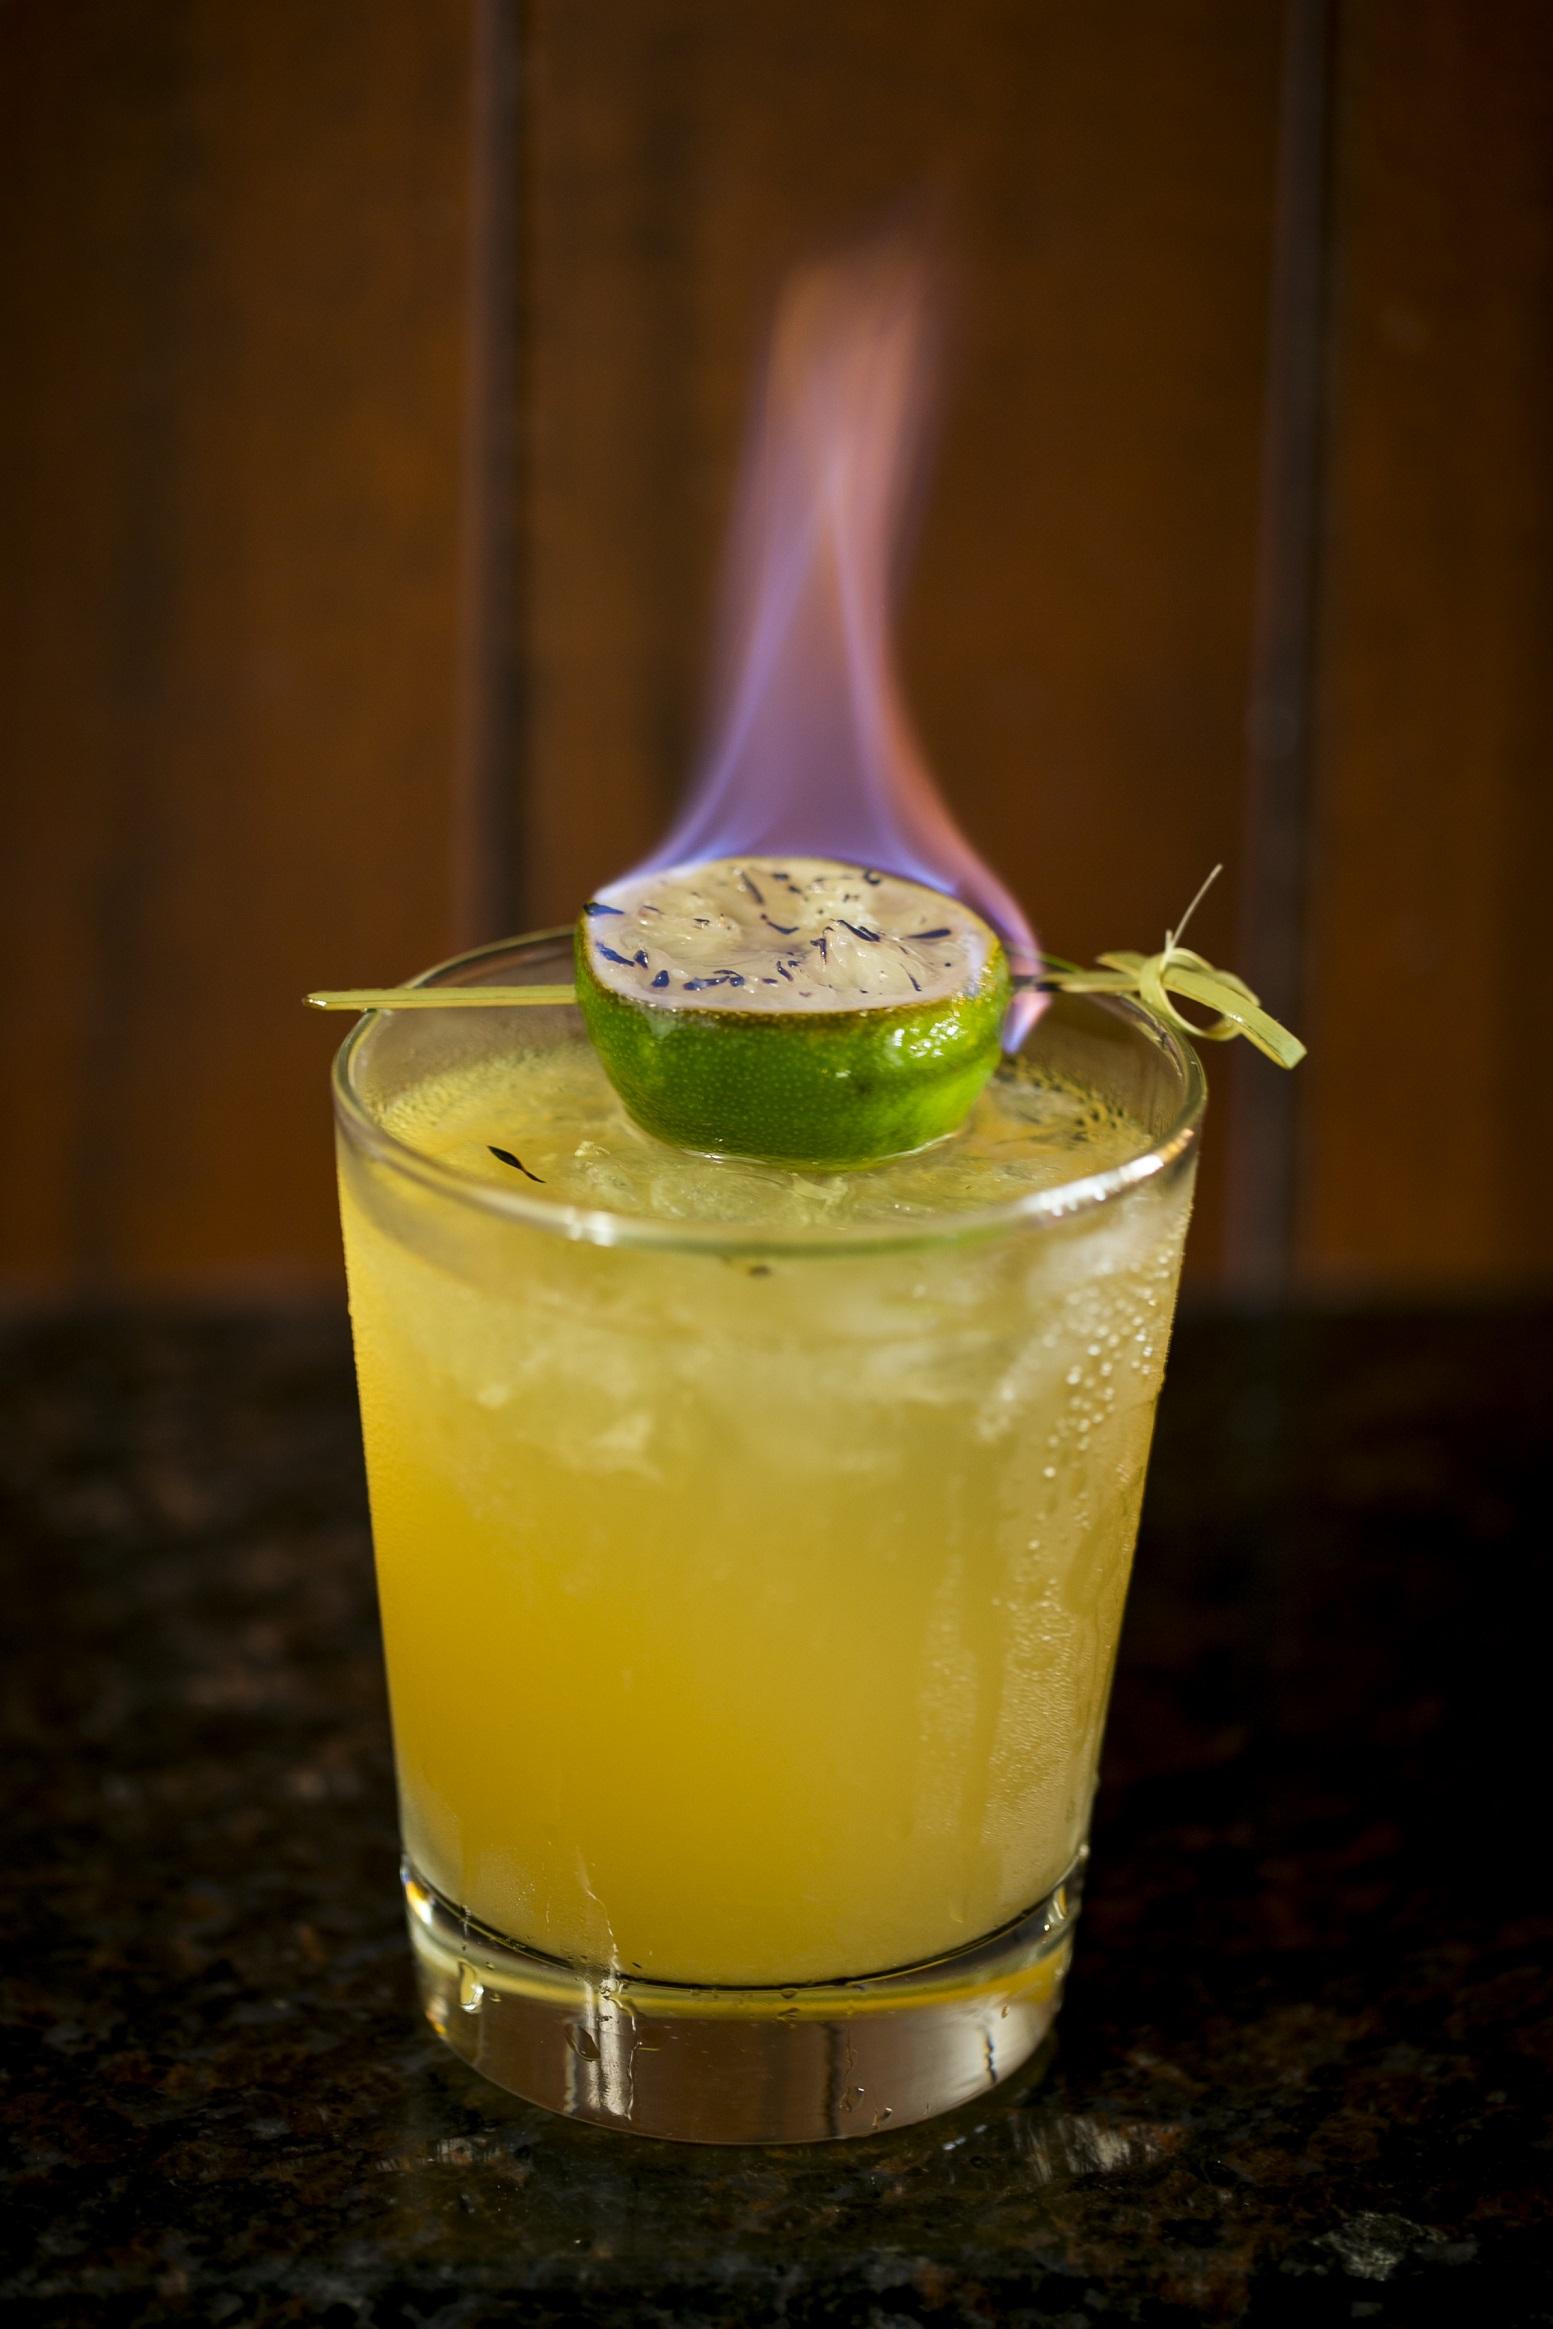 Starwood S Hawaii Properties Introduce Signature Cocktail